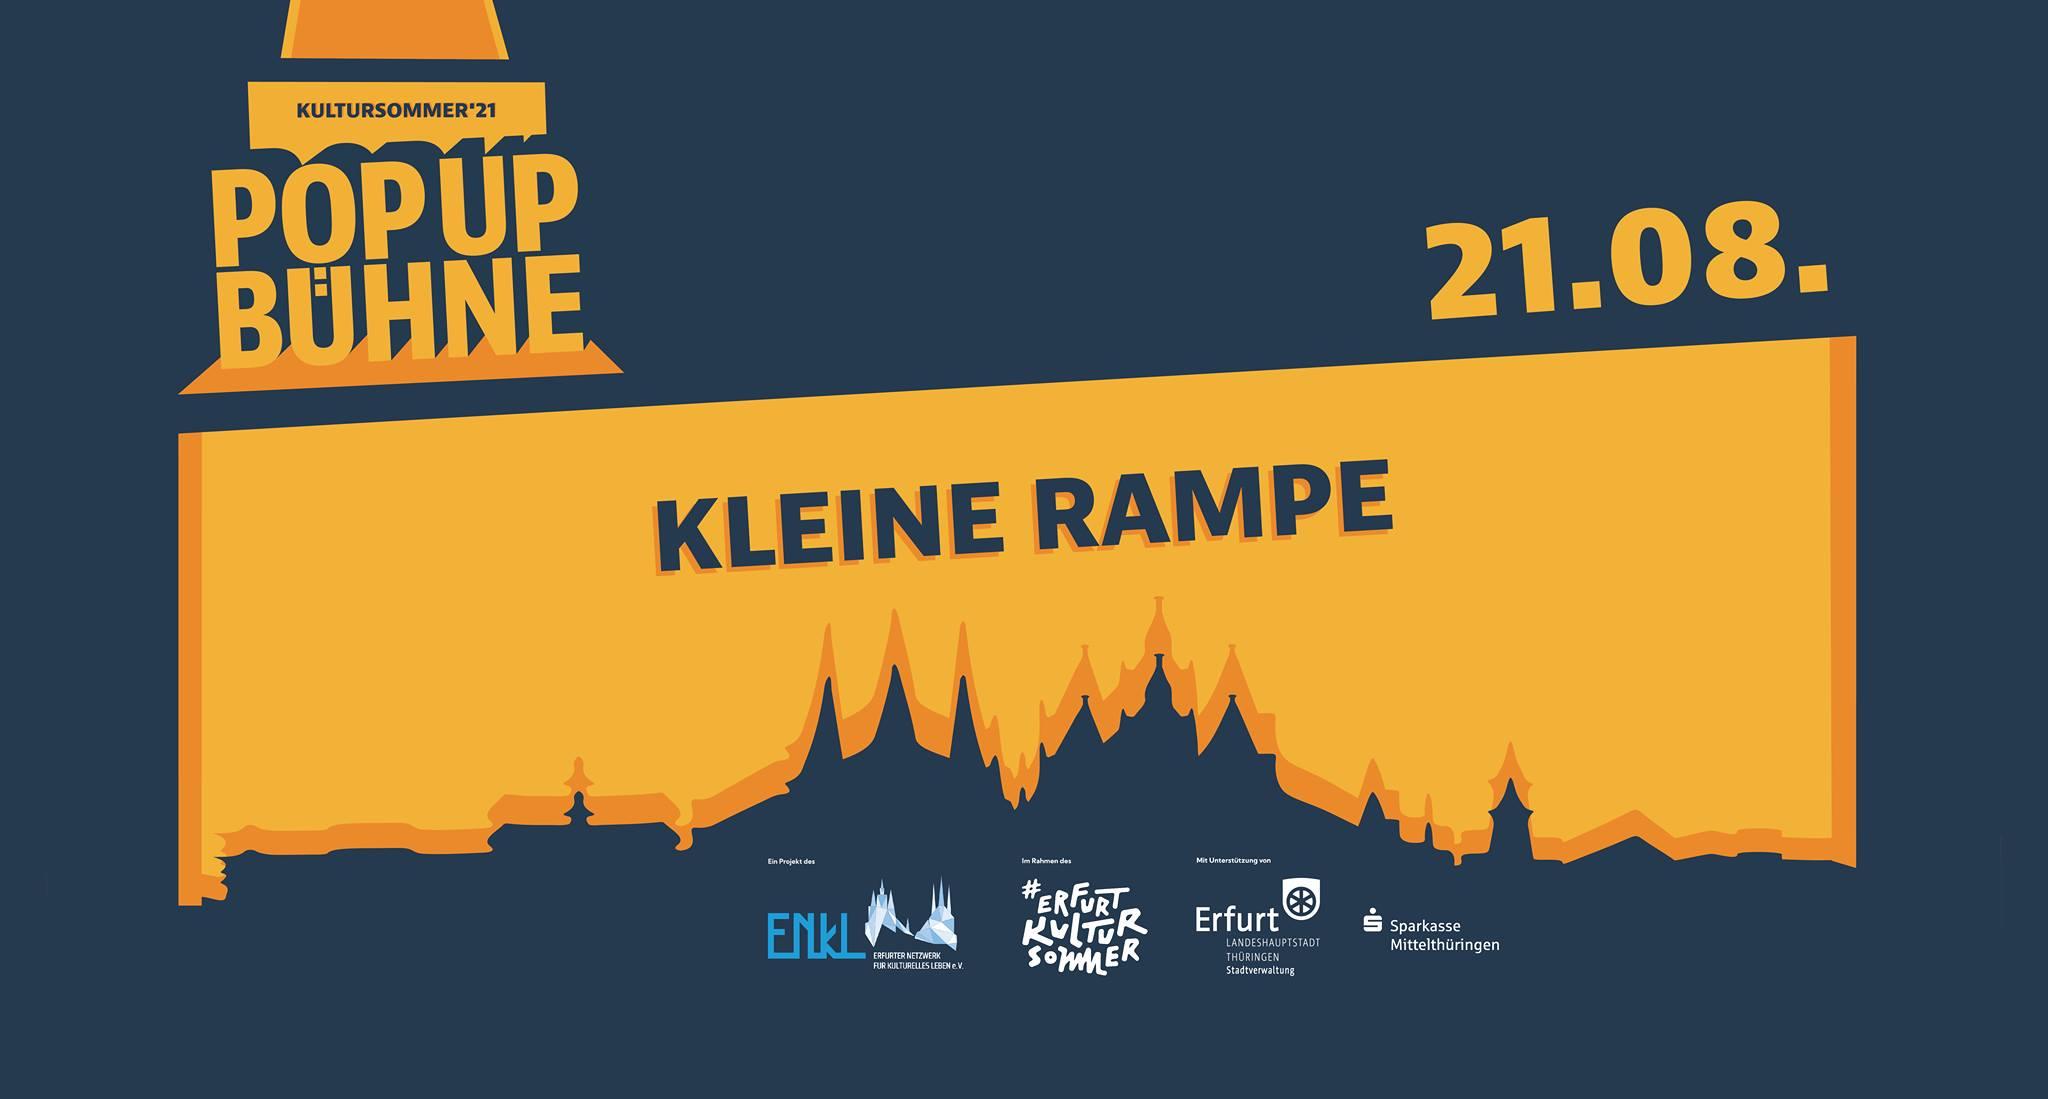 Pop Up Bühne Erfurt Kleine Rampe